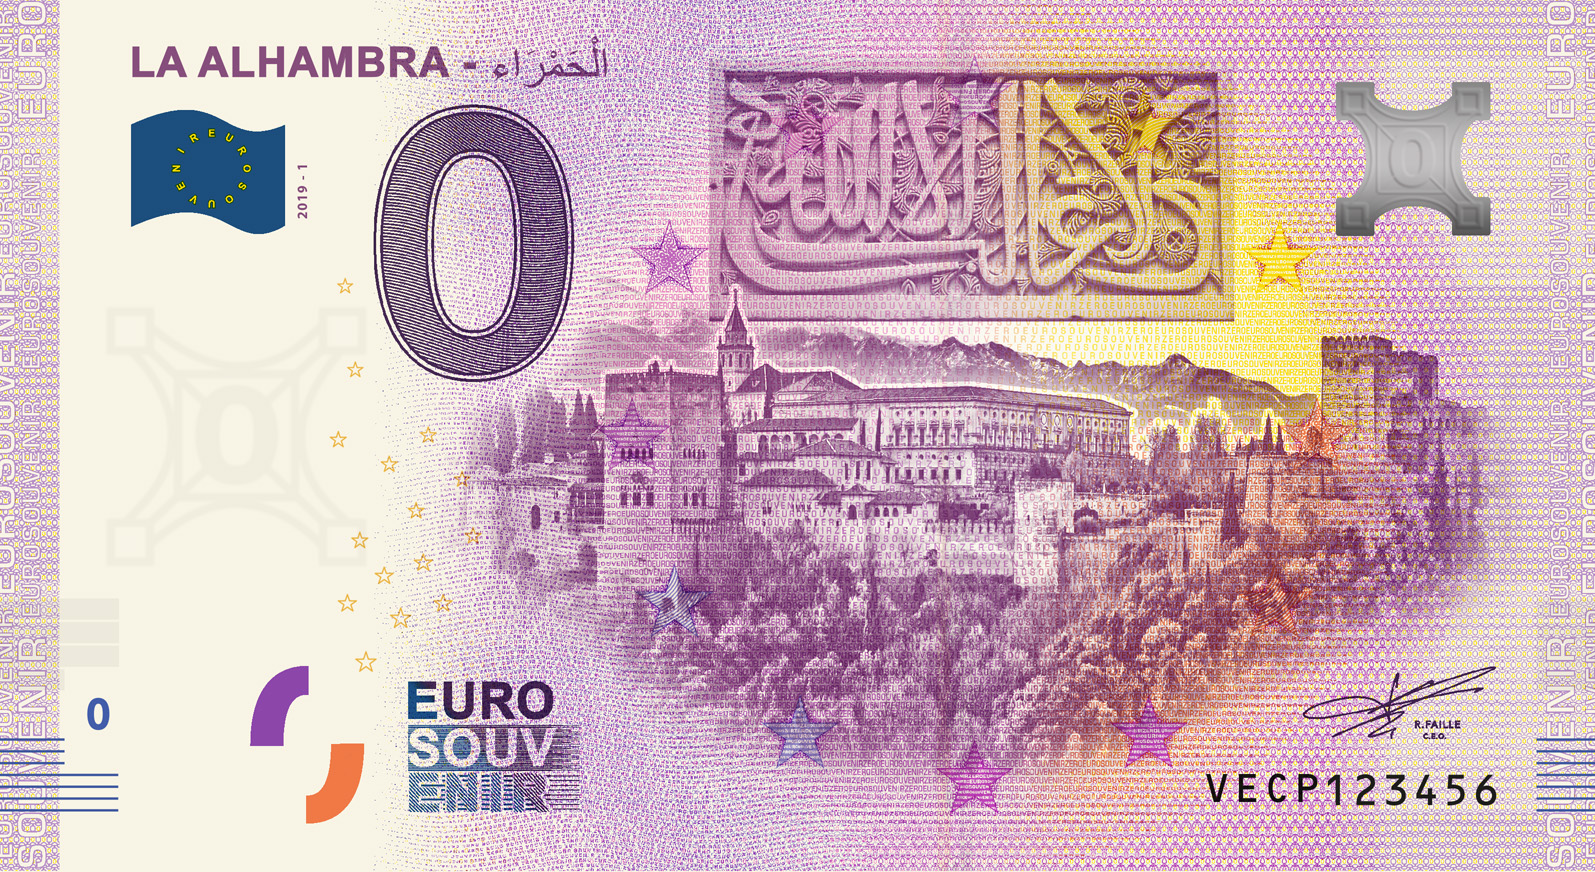 """BILLETES """"O"""" (ZERO) EUROS.................(en general) - Página 16 Vecp"""